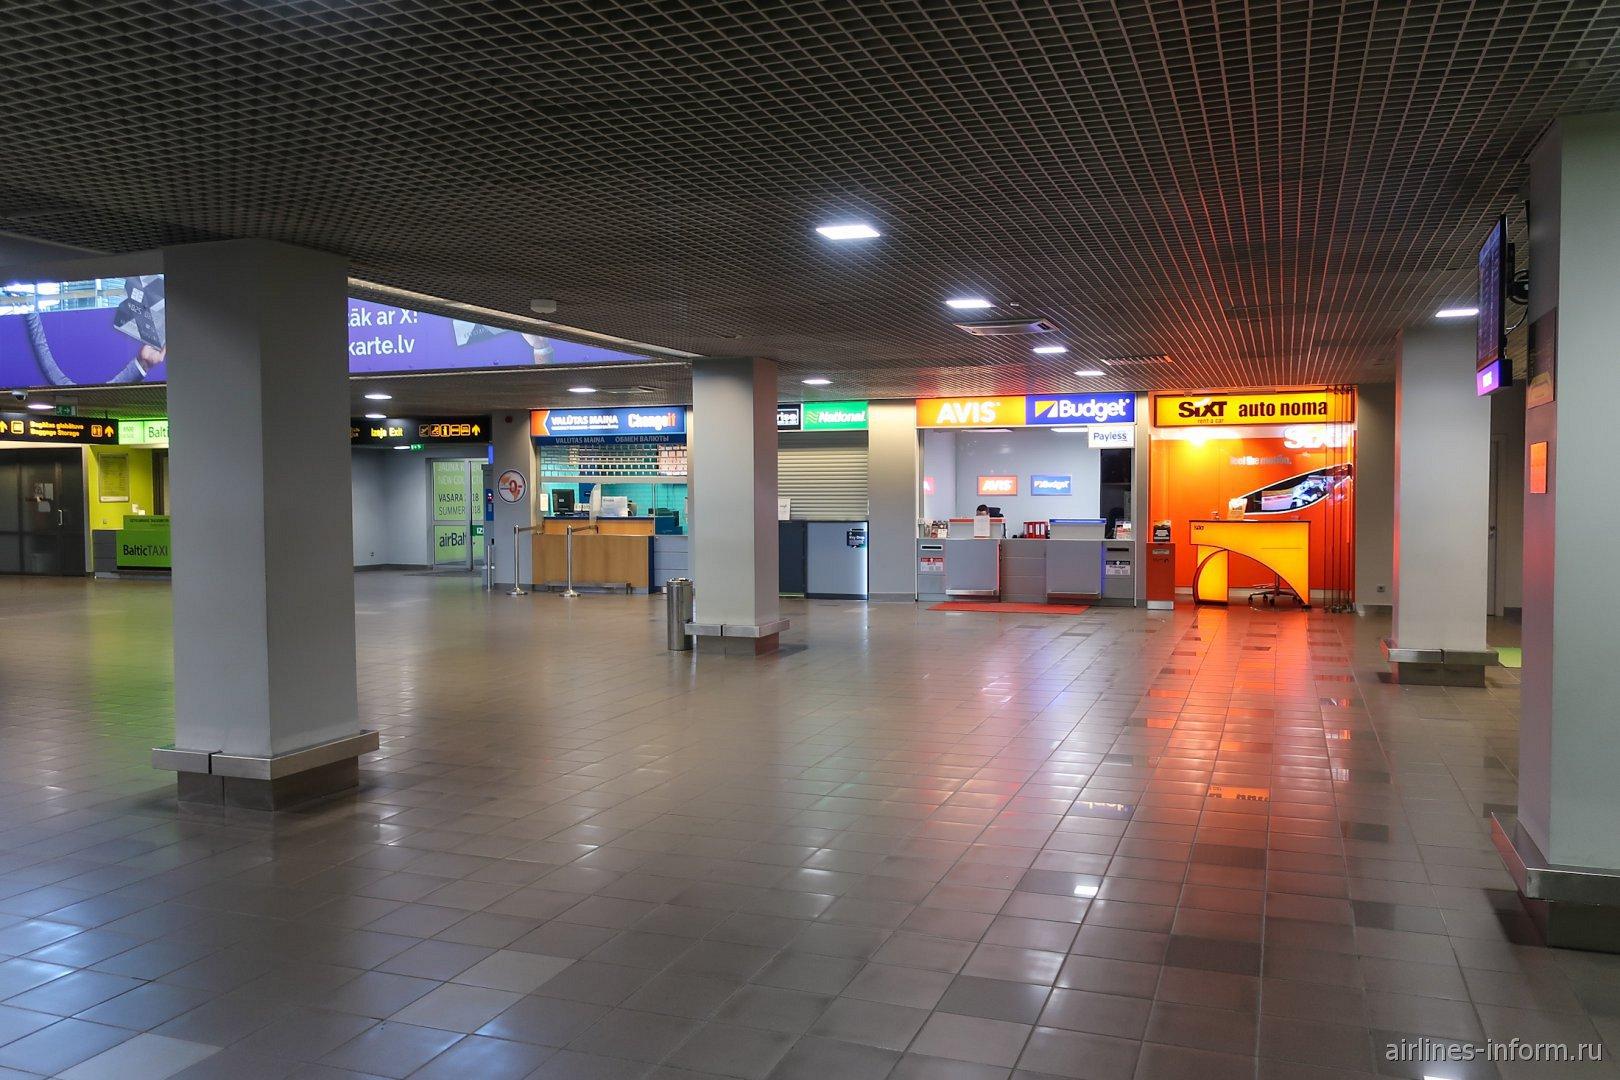 Стойки автопрокатных компаний в зоне прилета  аэропорта Рига